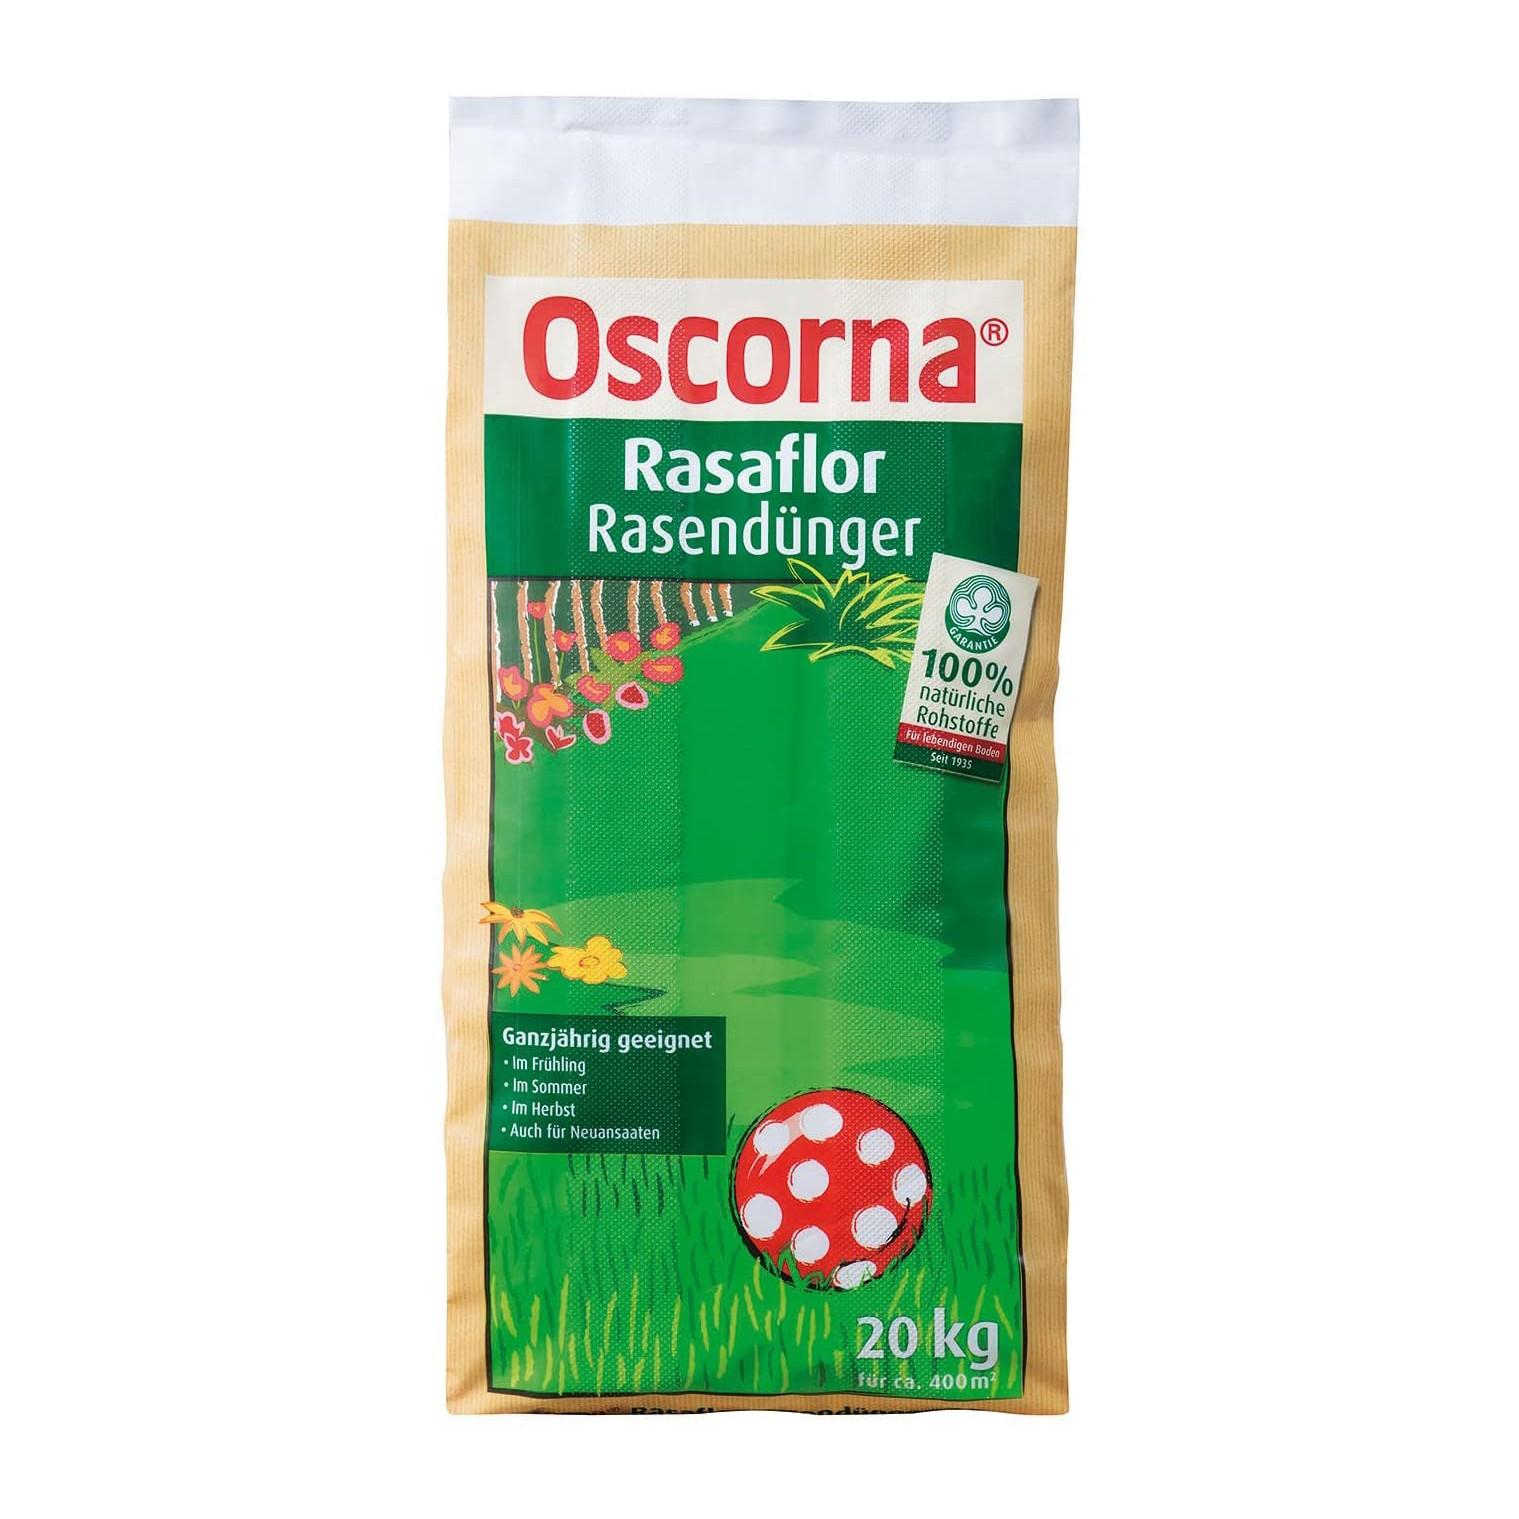 Oscorna Rasaflor Rasendünger Bild 1